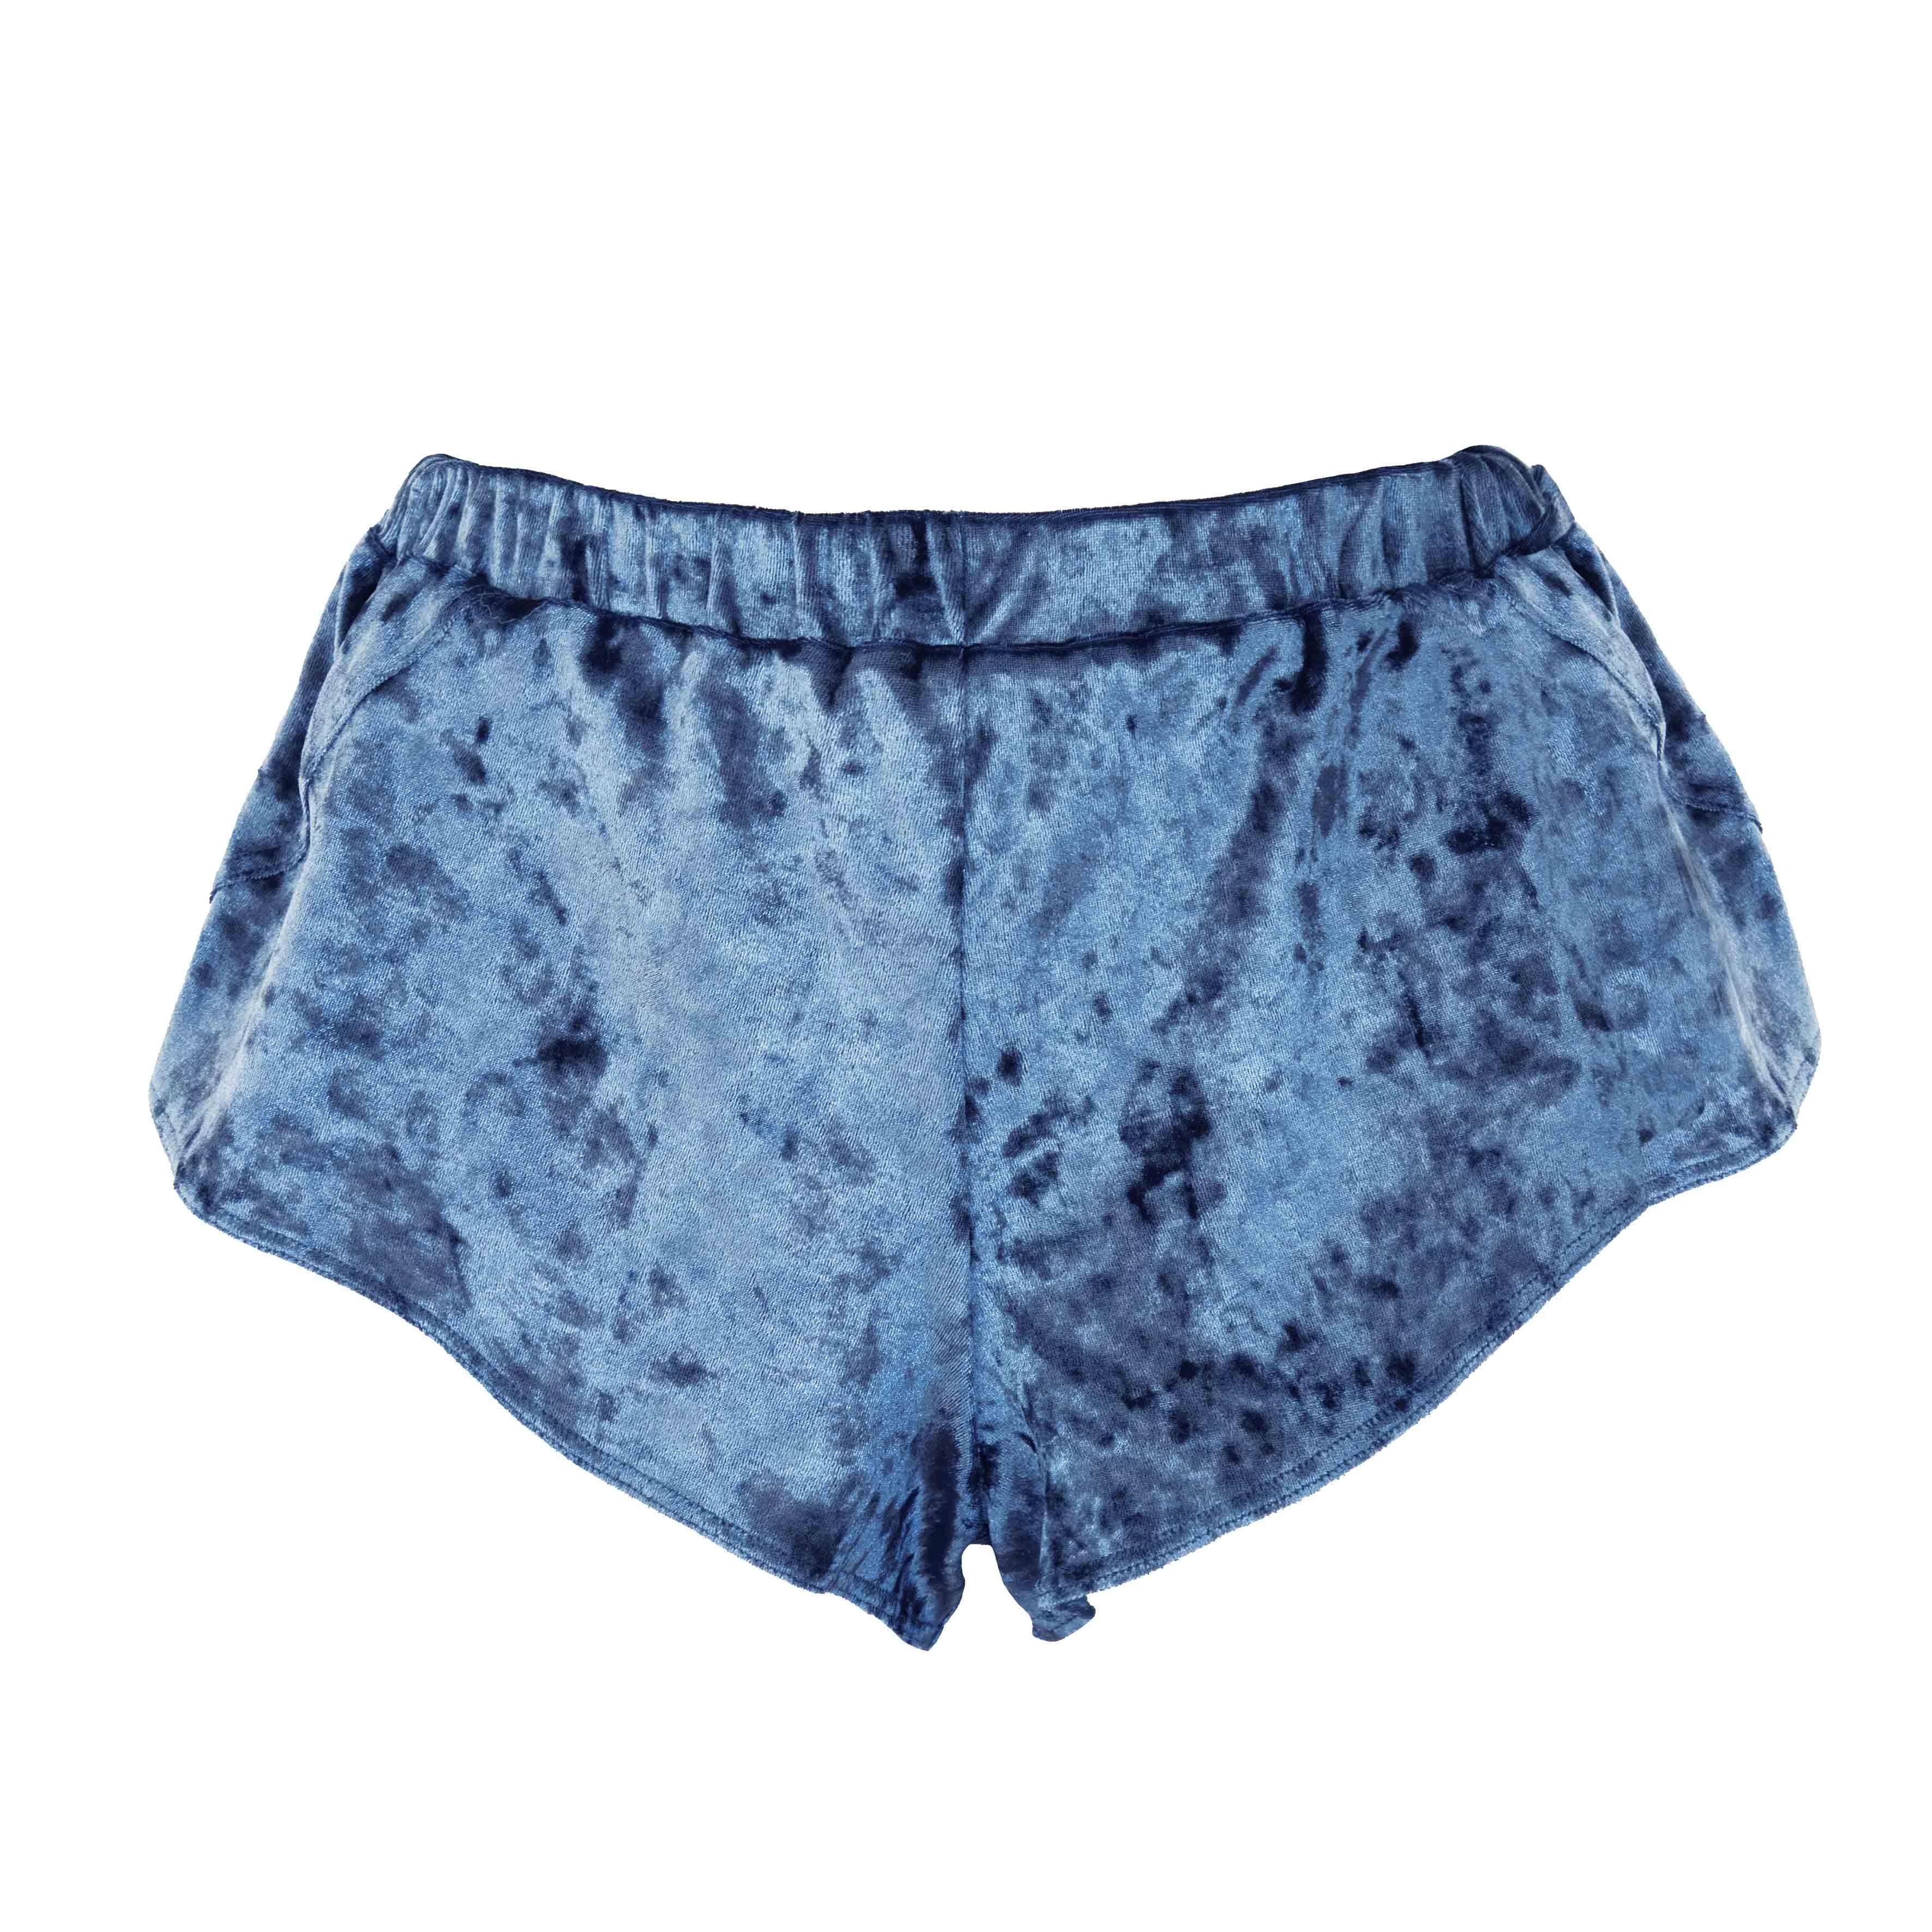 lingerie short Blue Velvet Blue Owl 25 € Girls In Paris photo 3